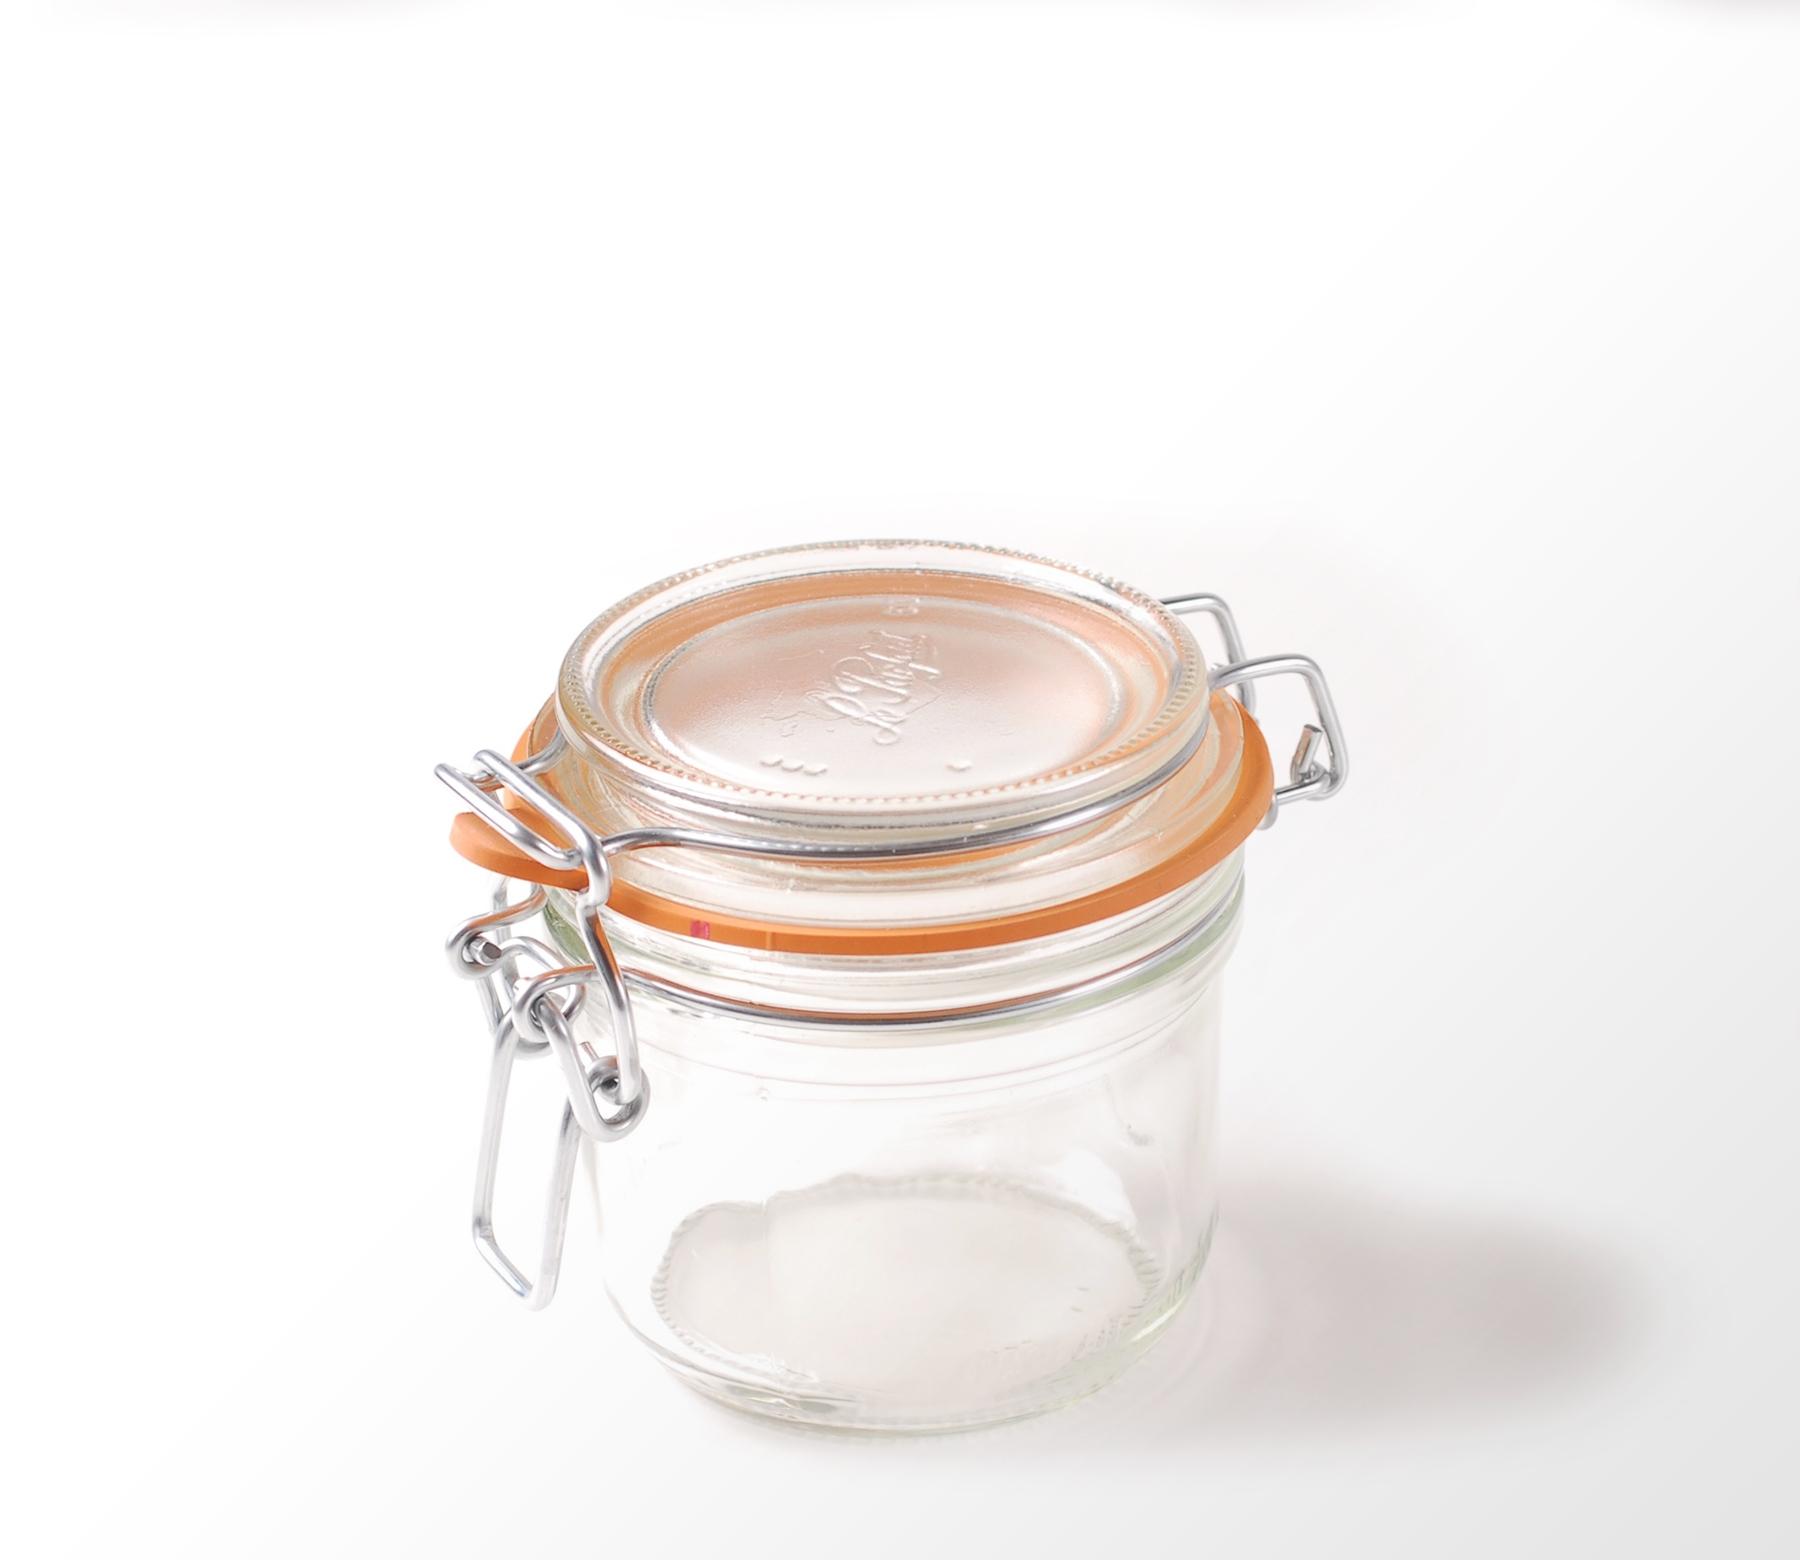 Contenitori Vetro Per Conserve barattolo di vetro per conserve